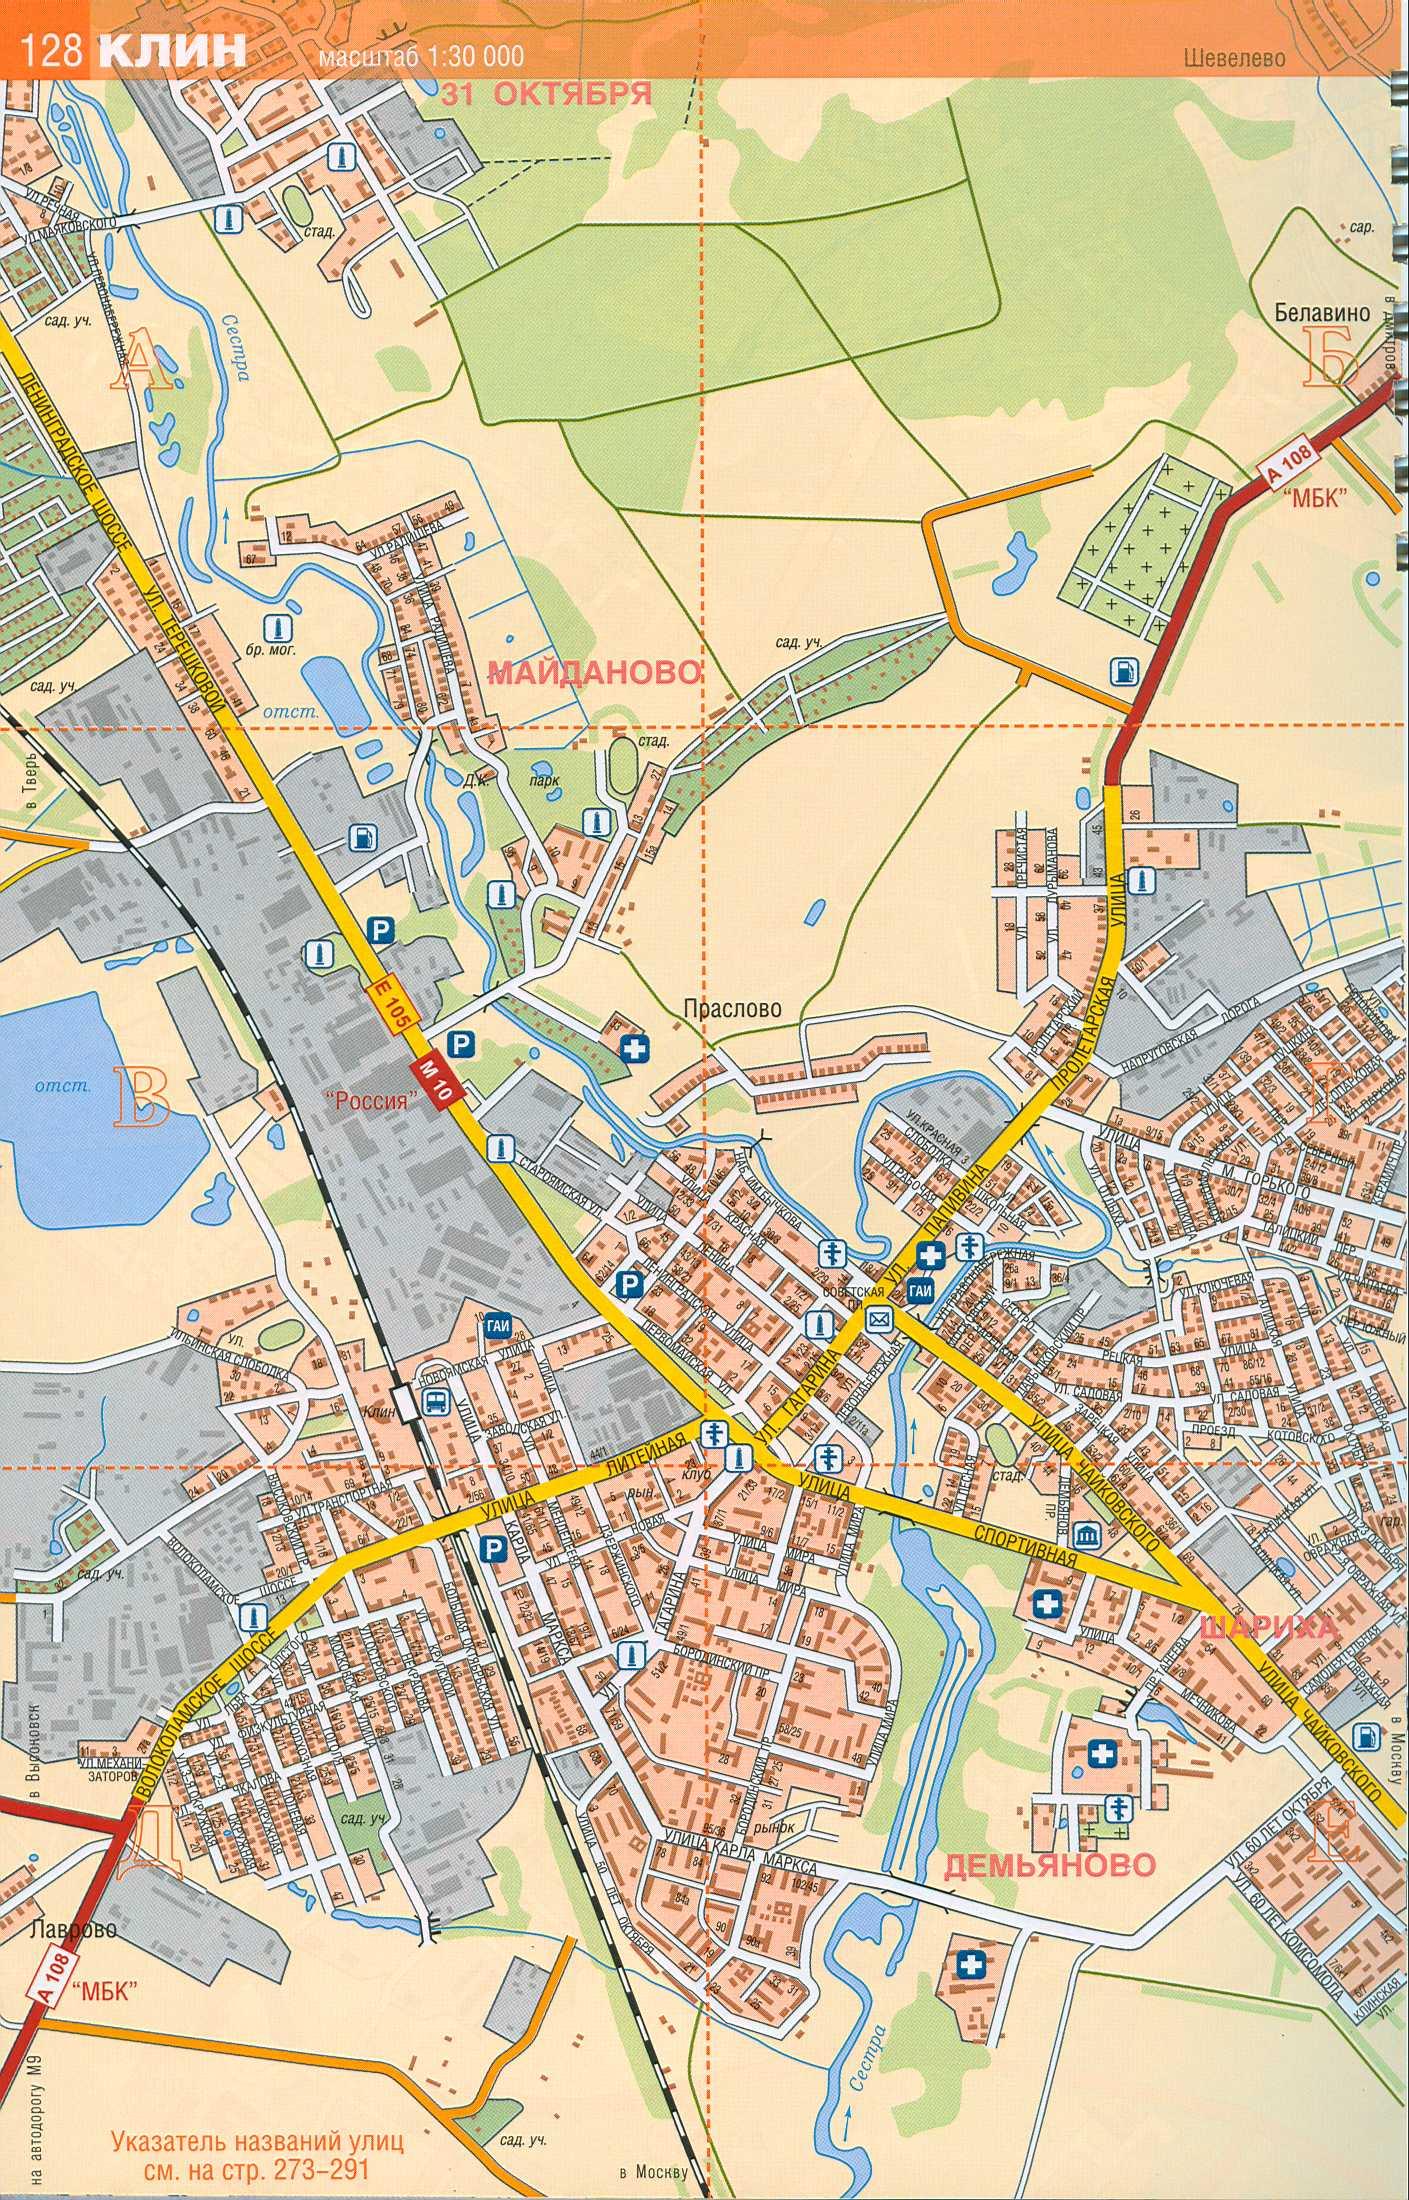 Удобный поиск объектов на карте.Отклонение от московского времени, часы: 0 Географическая широта: 56 20'...